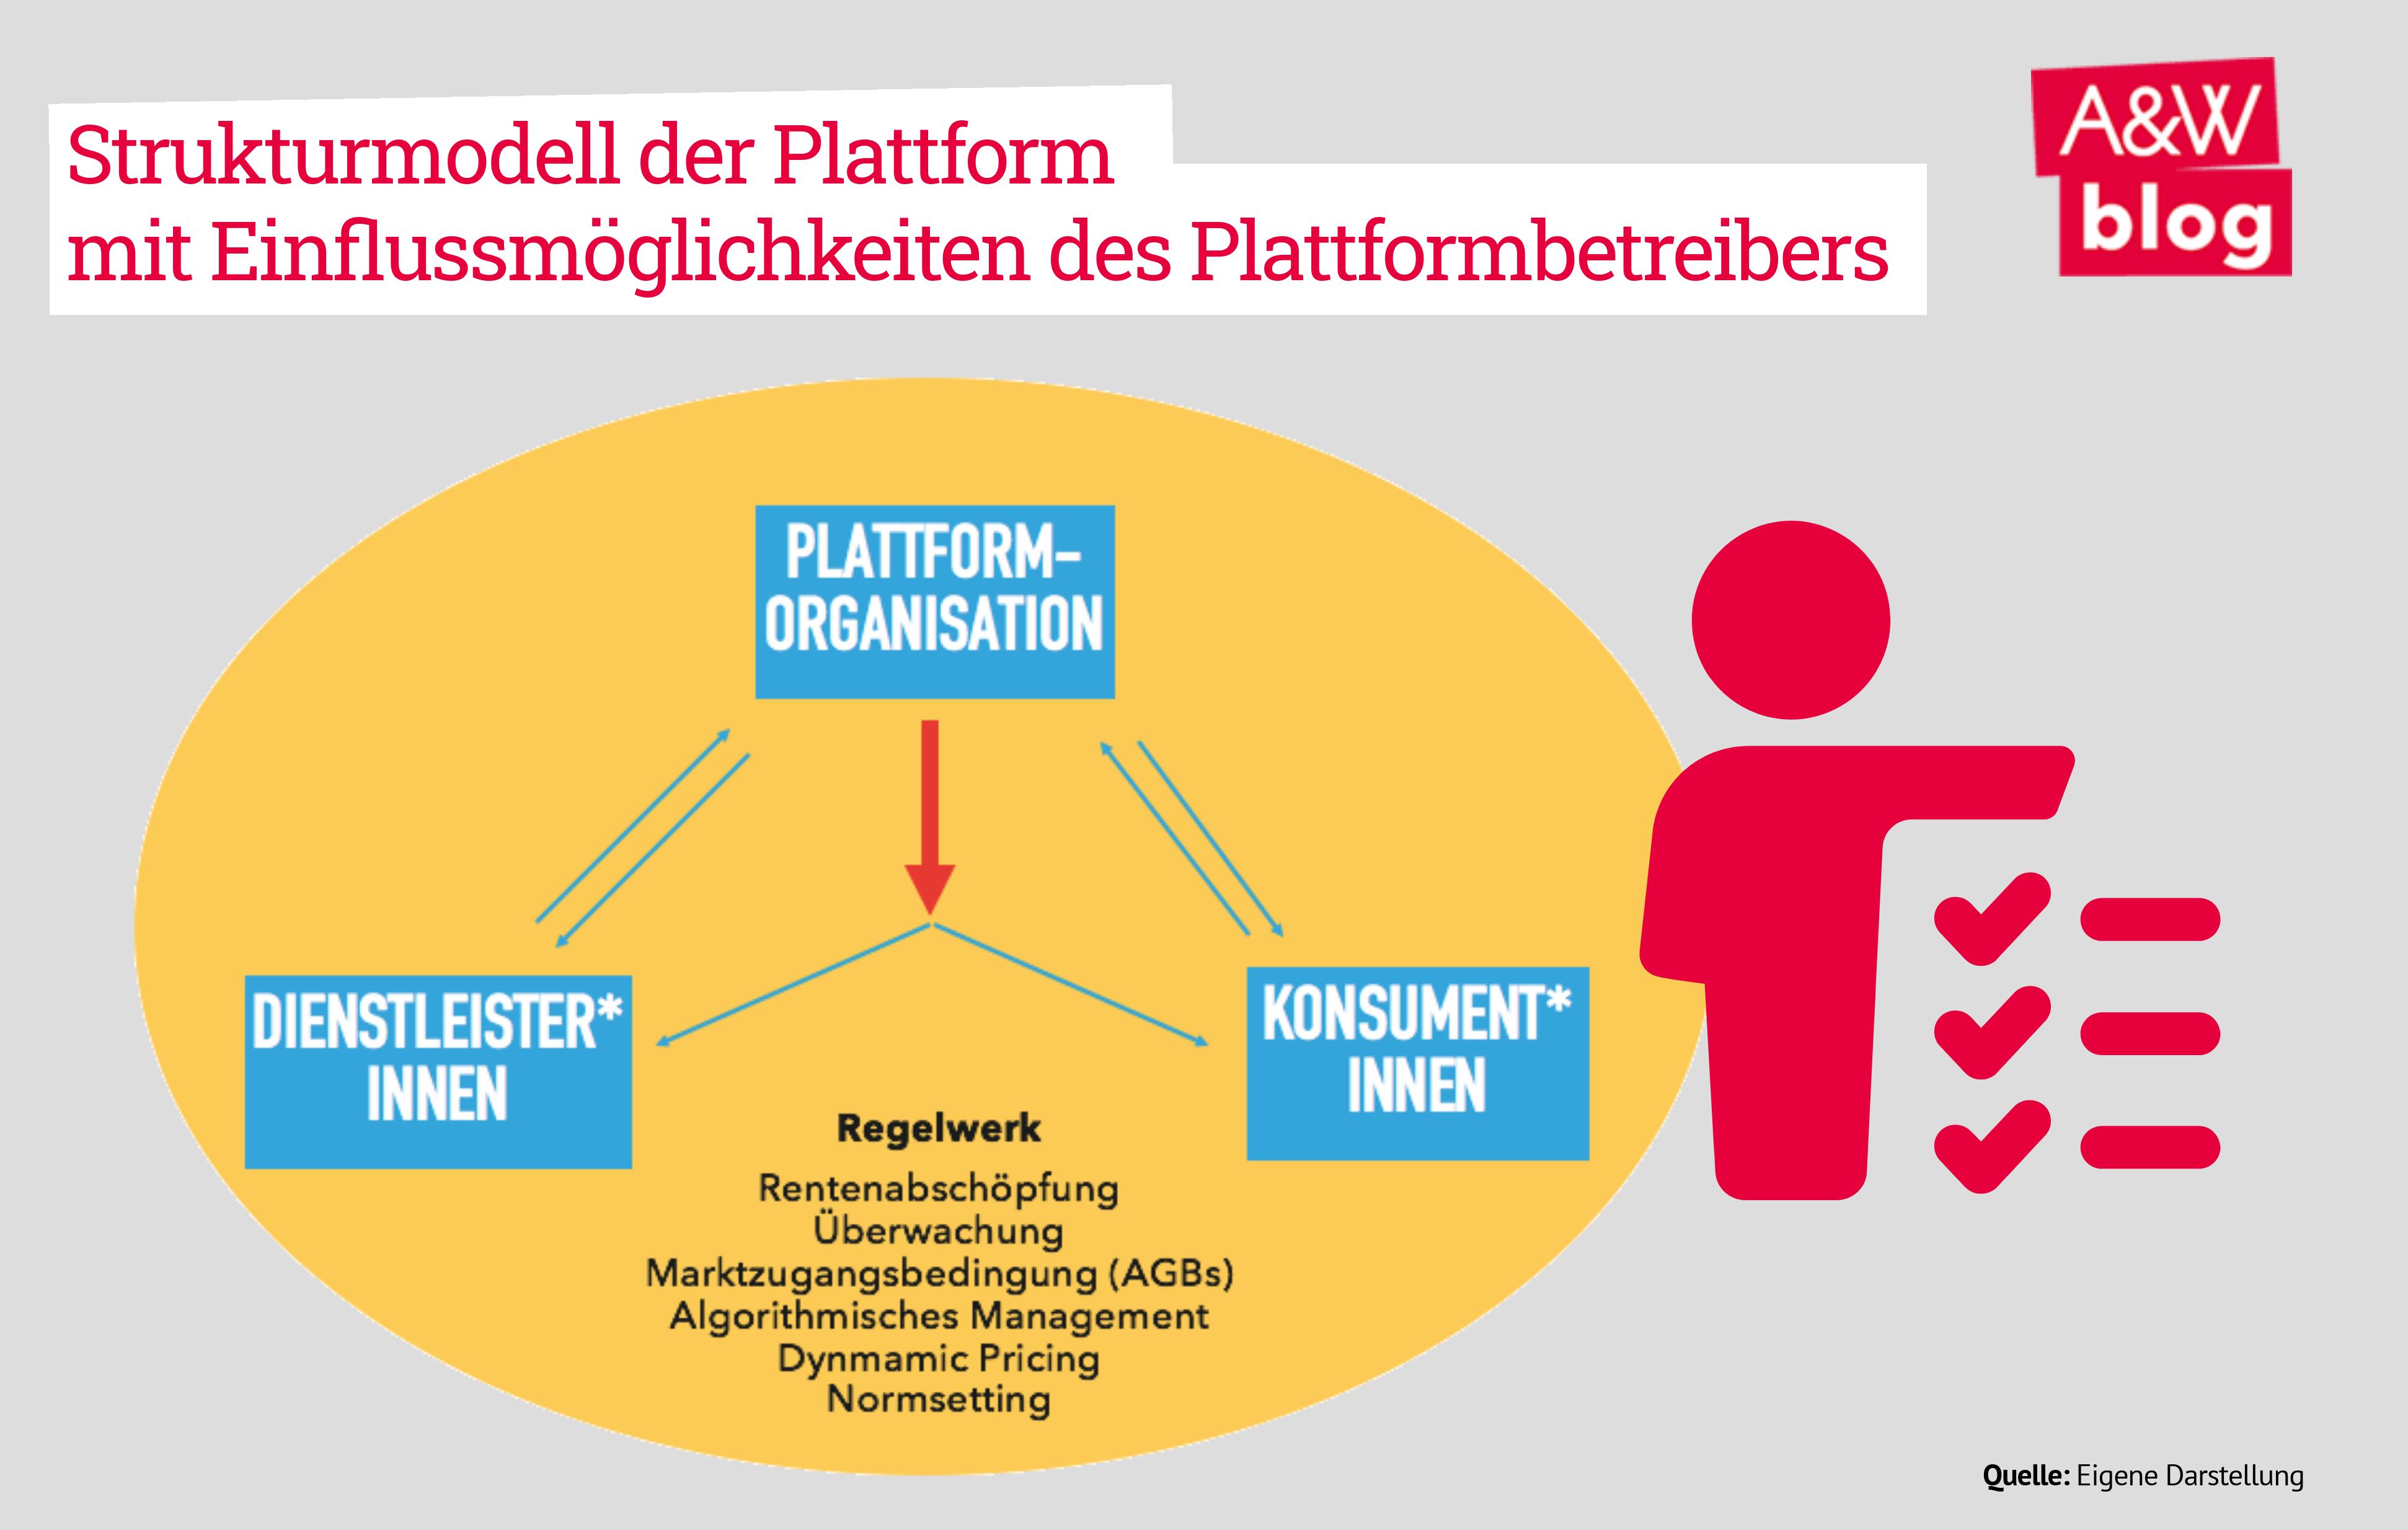 Strukturmodell der Plattformen